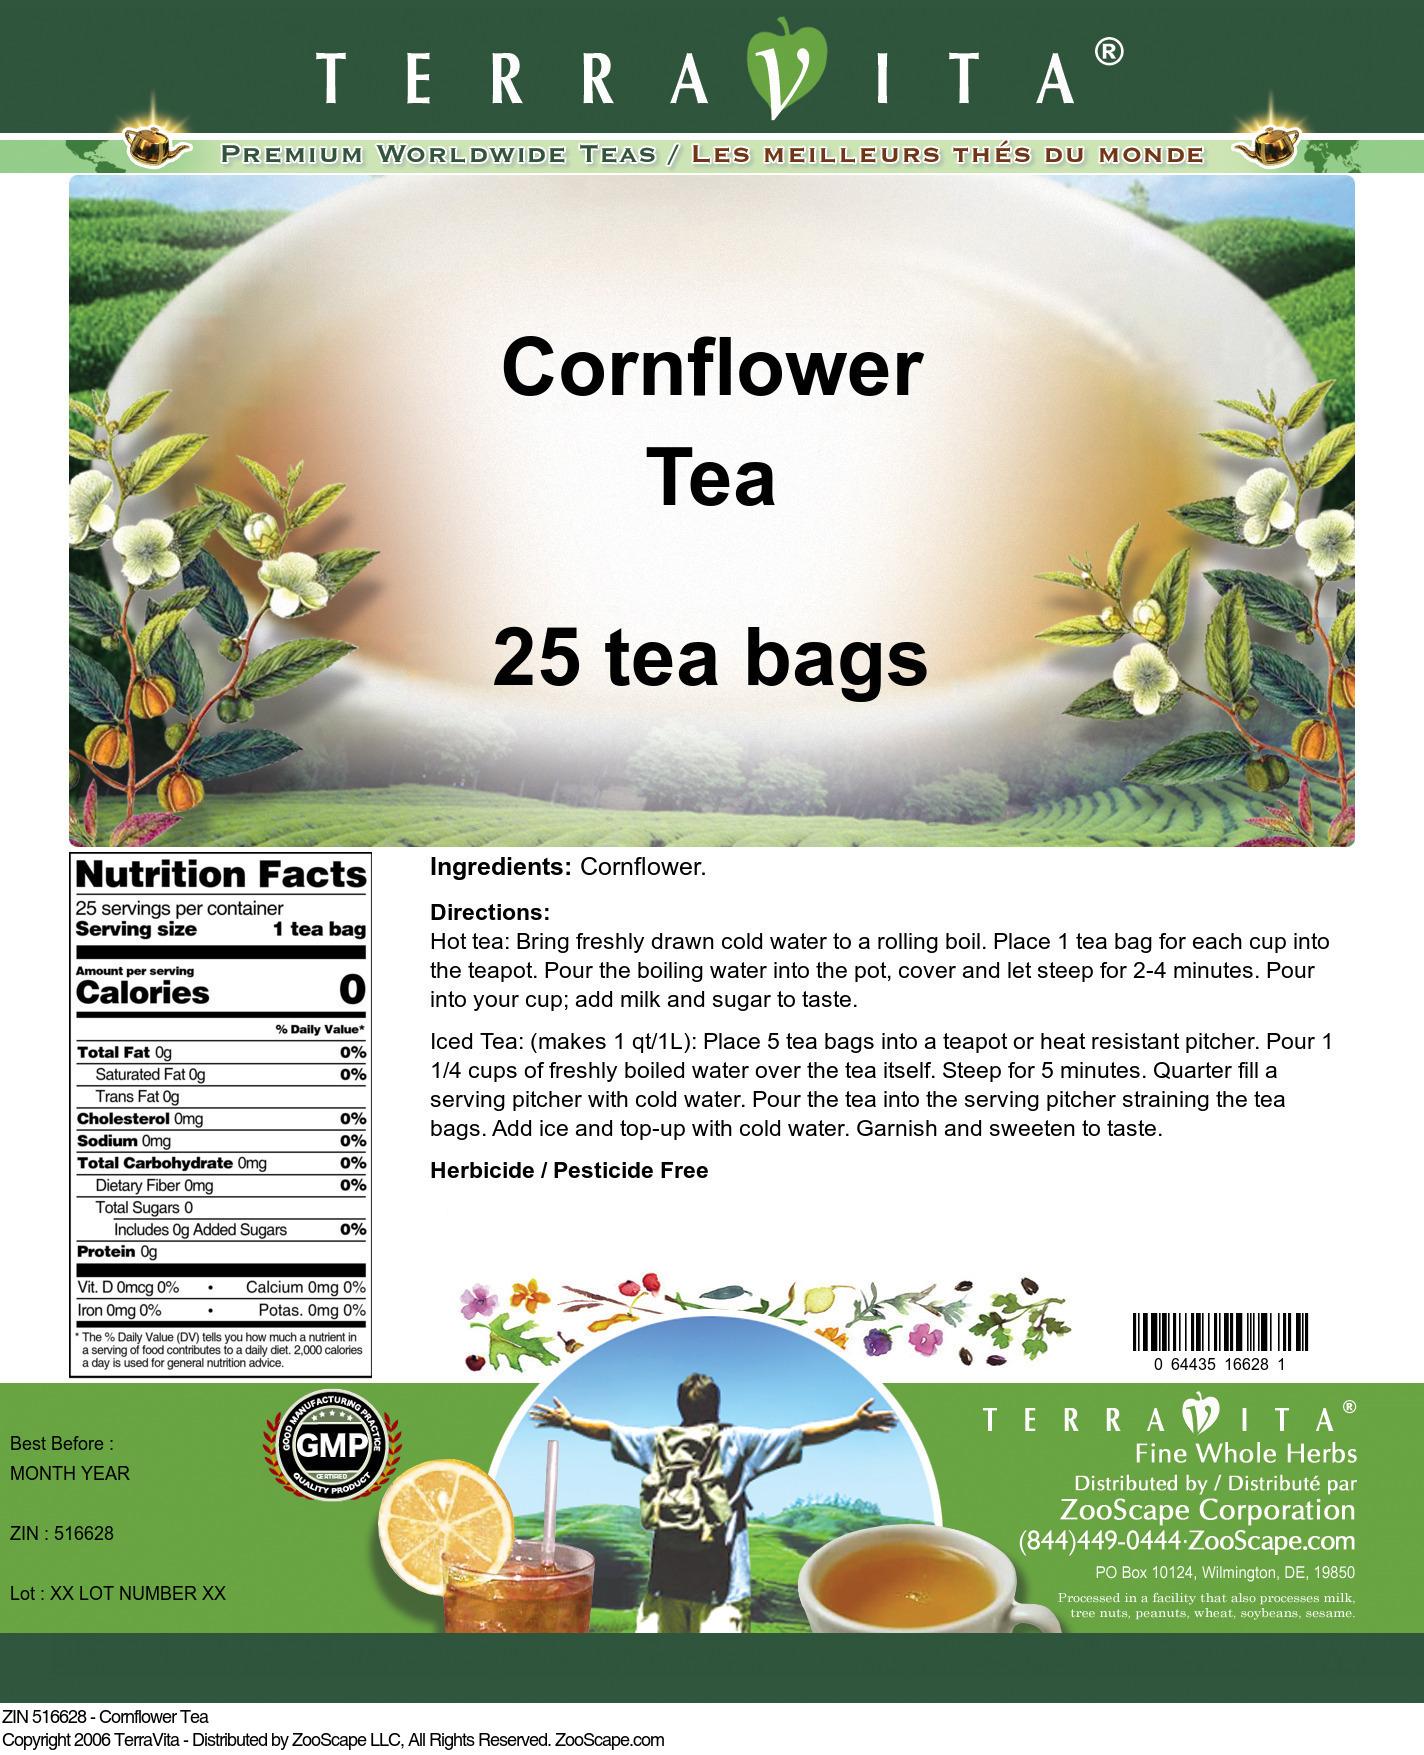 Cornflower Tea